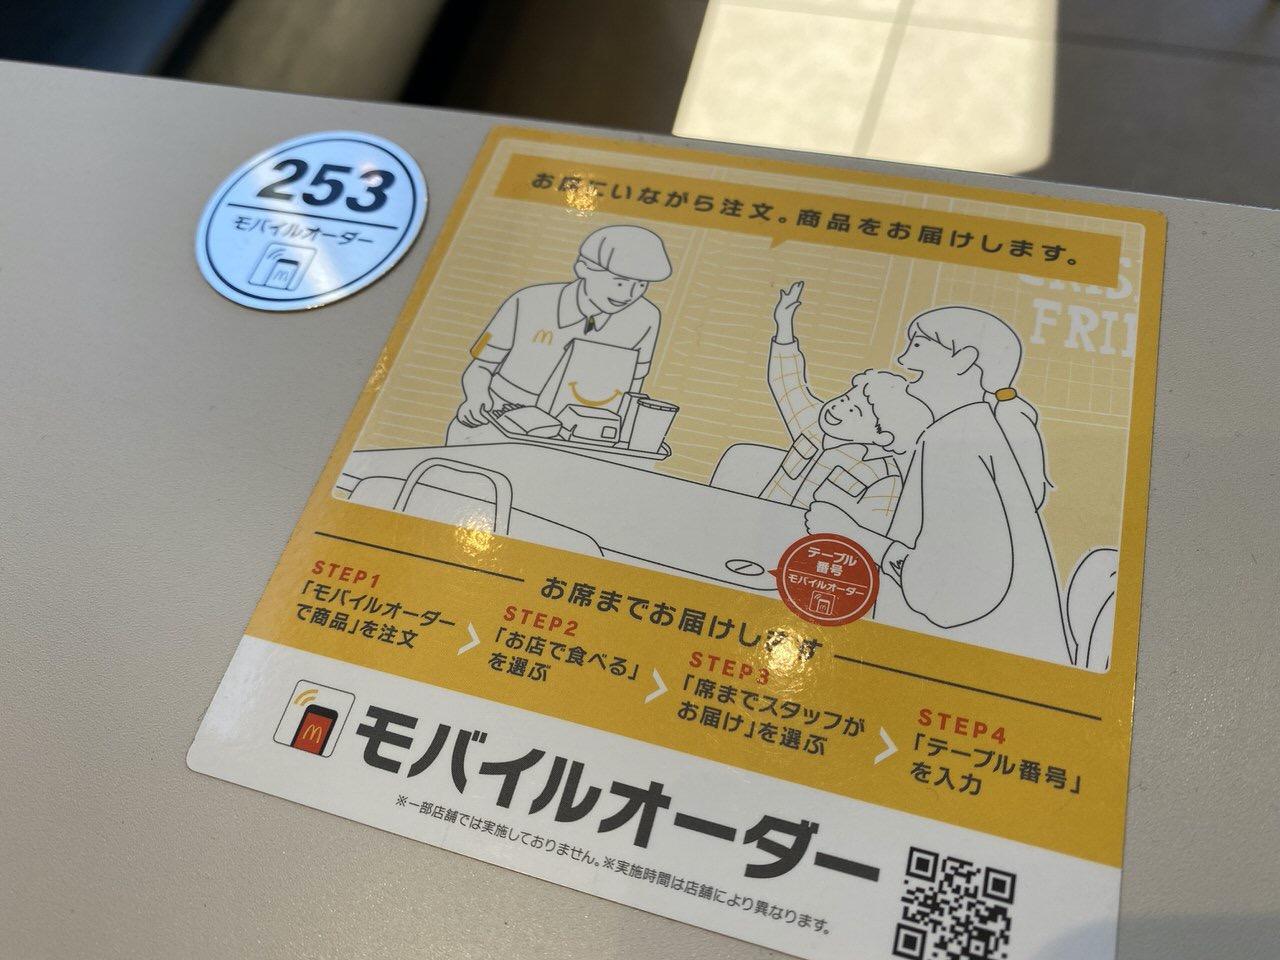 【マクドナルド】公式アプリ モバイルオーダー10